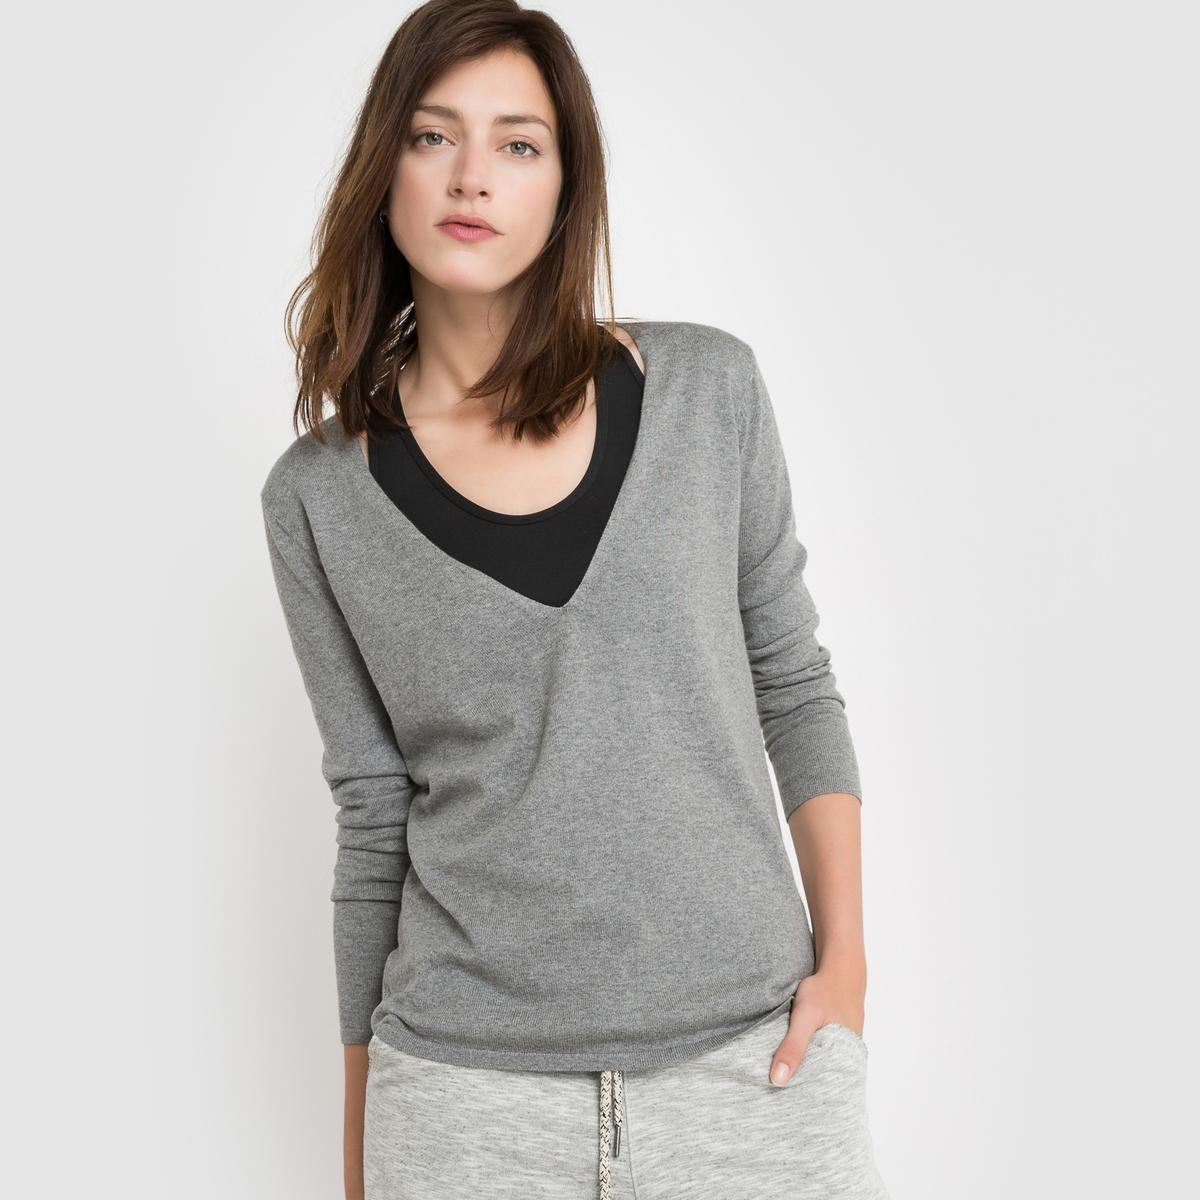 Пуловер с V-образным вырезом из хлопка/кашемираСостав и описаниеМарка: R Essentiel. Материал: 95% хлопка, 5% кашемира.Длина: 68 см.УходРучная стирка / Рекомендована сухая чистка.<br><br>Цвет: серый меланж